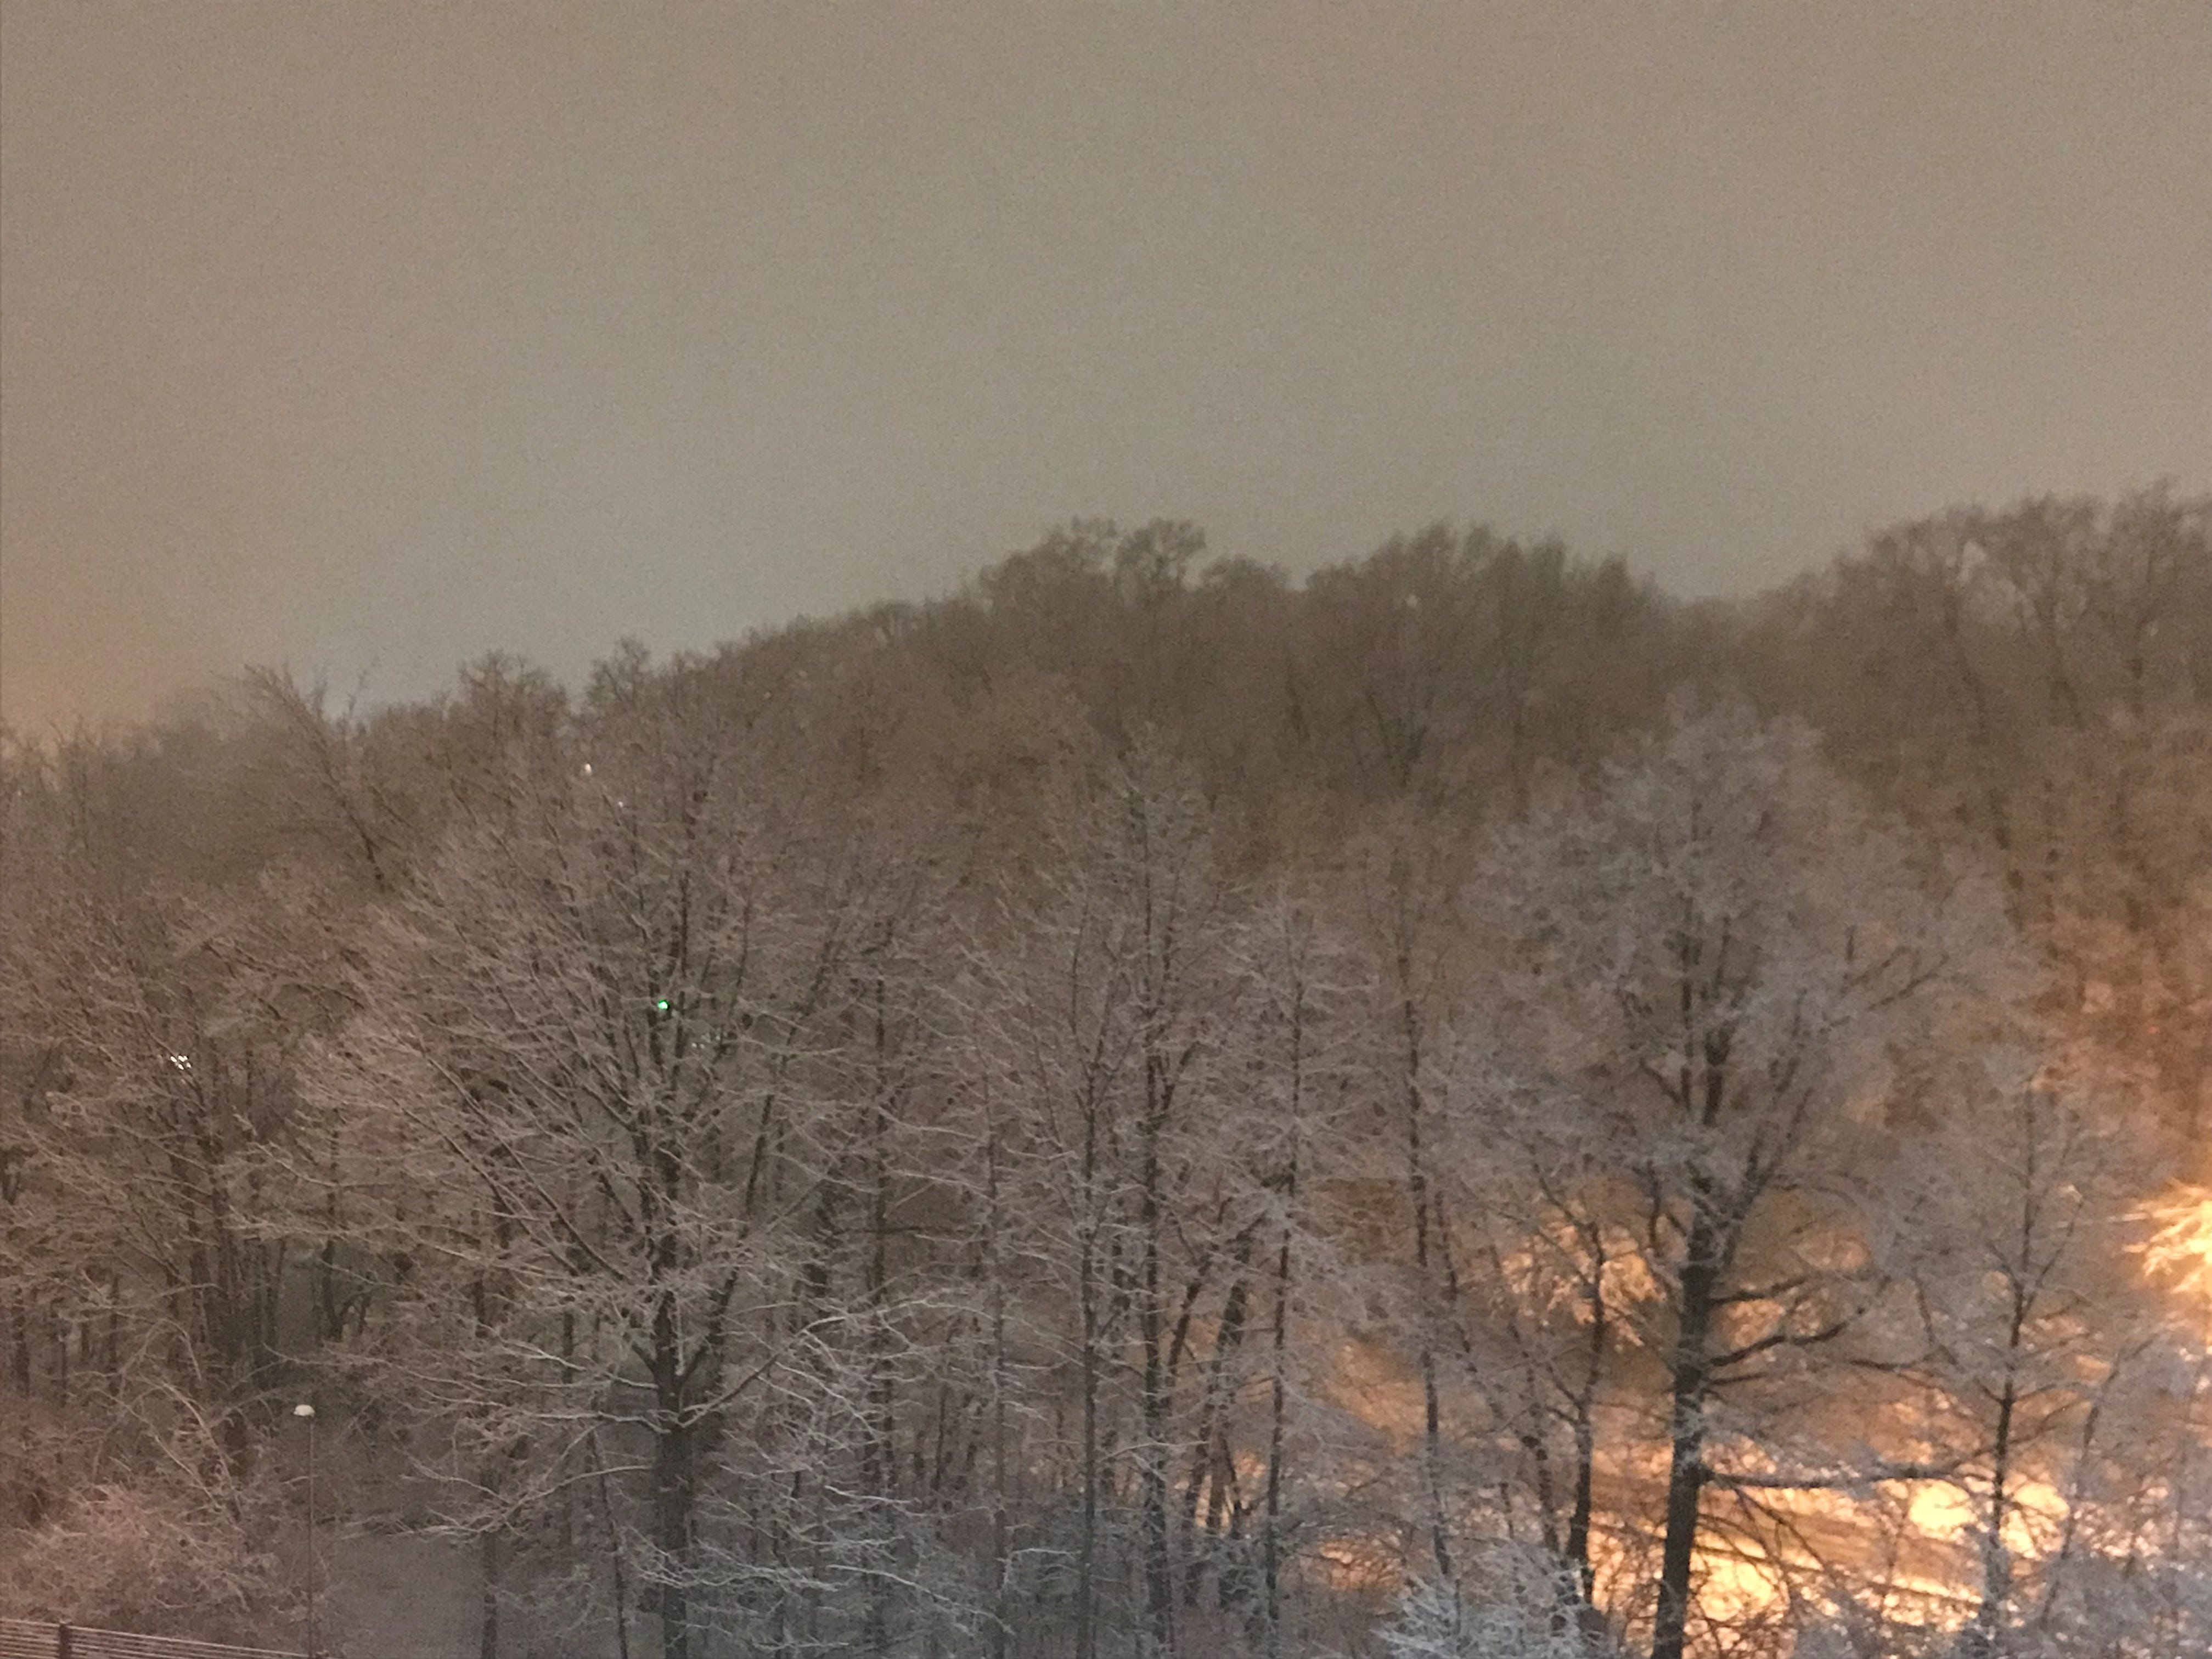 Snow-covered treeline in Clifton NJ.